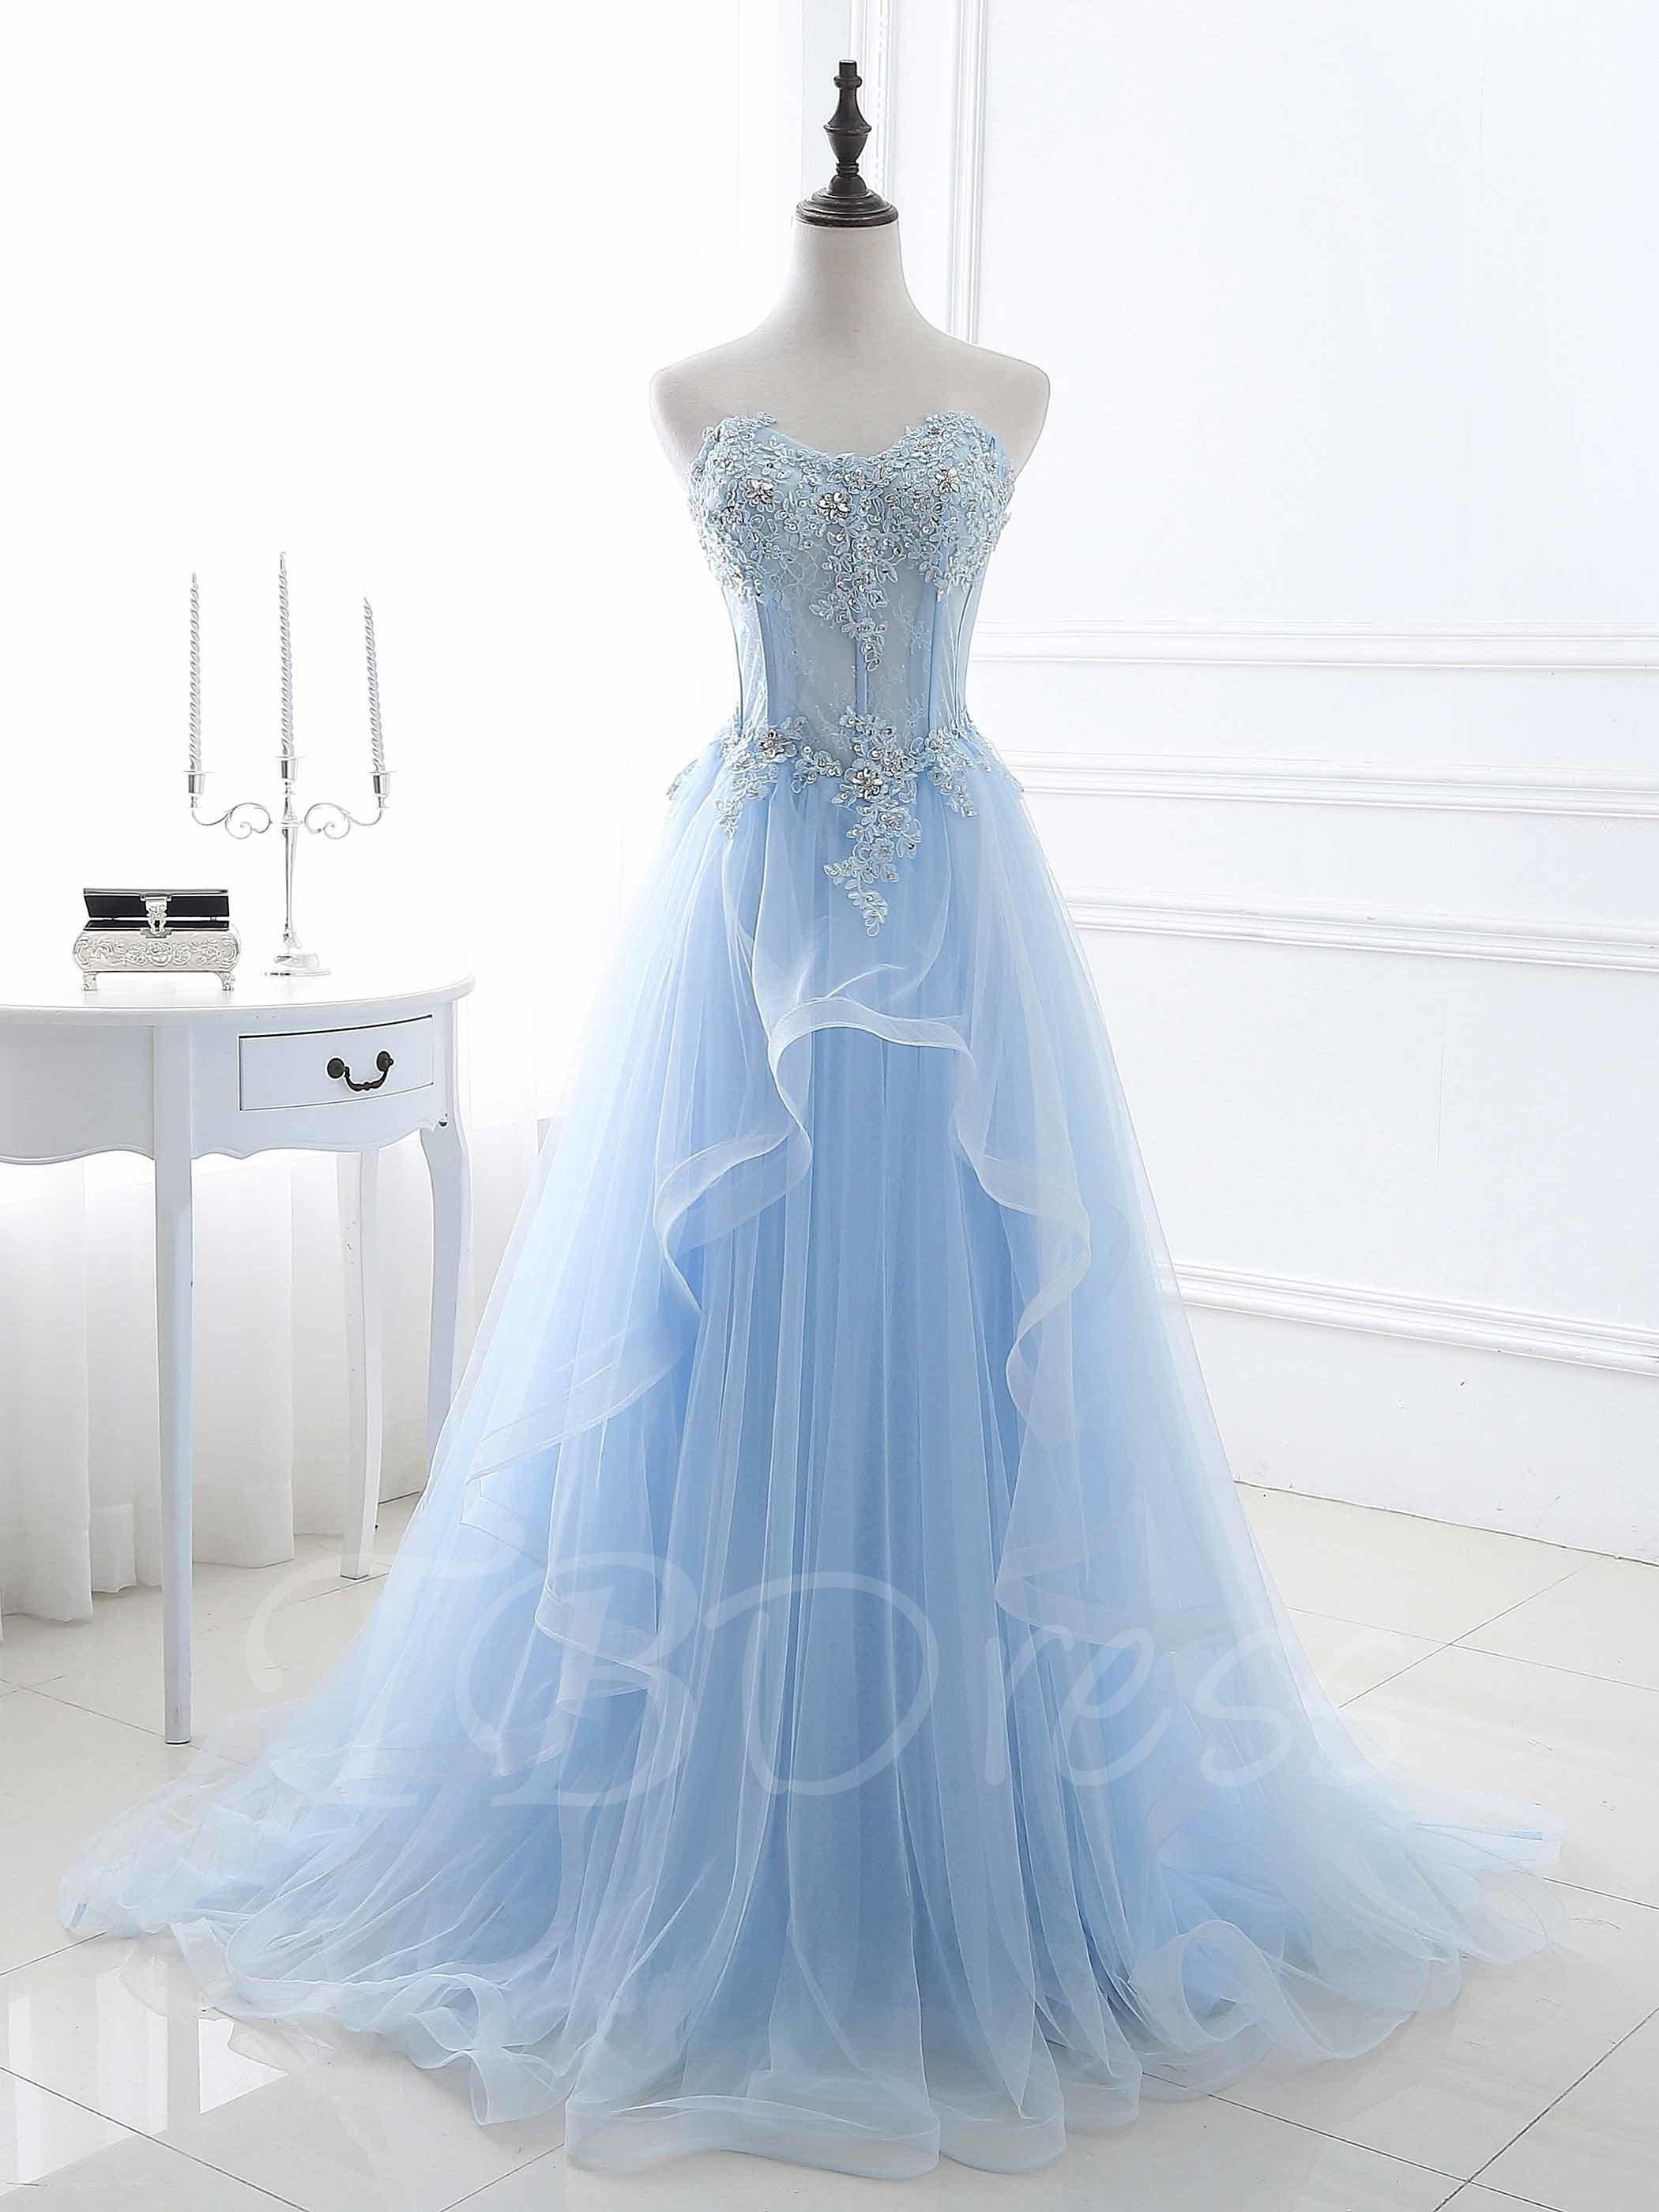 Tbdress tbdress sequins aline sweetheart beaded long prom dress